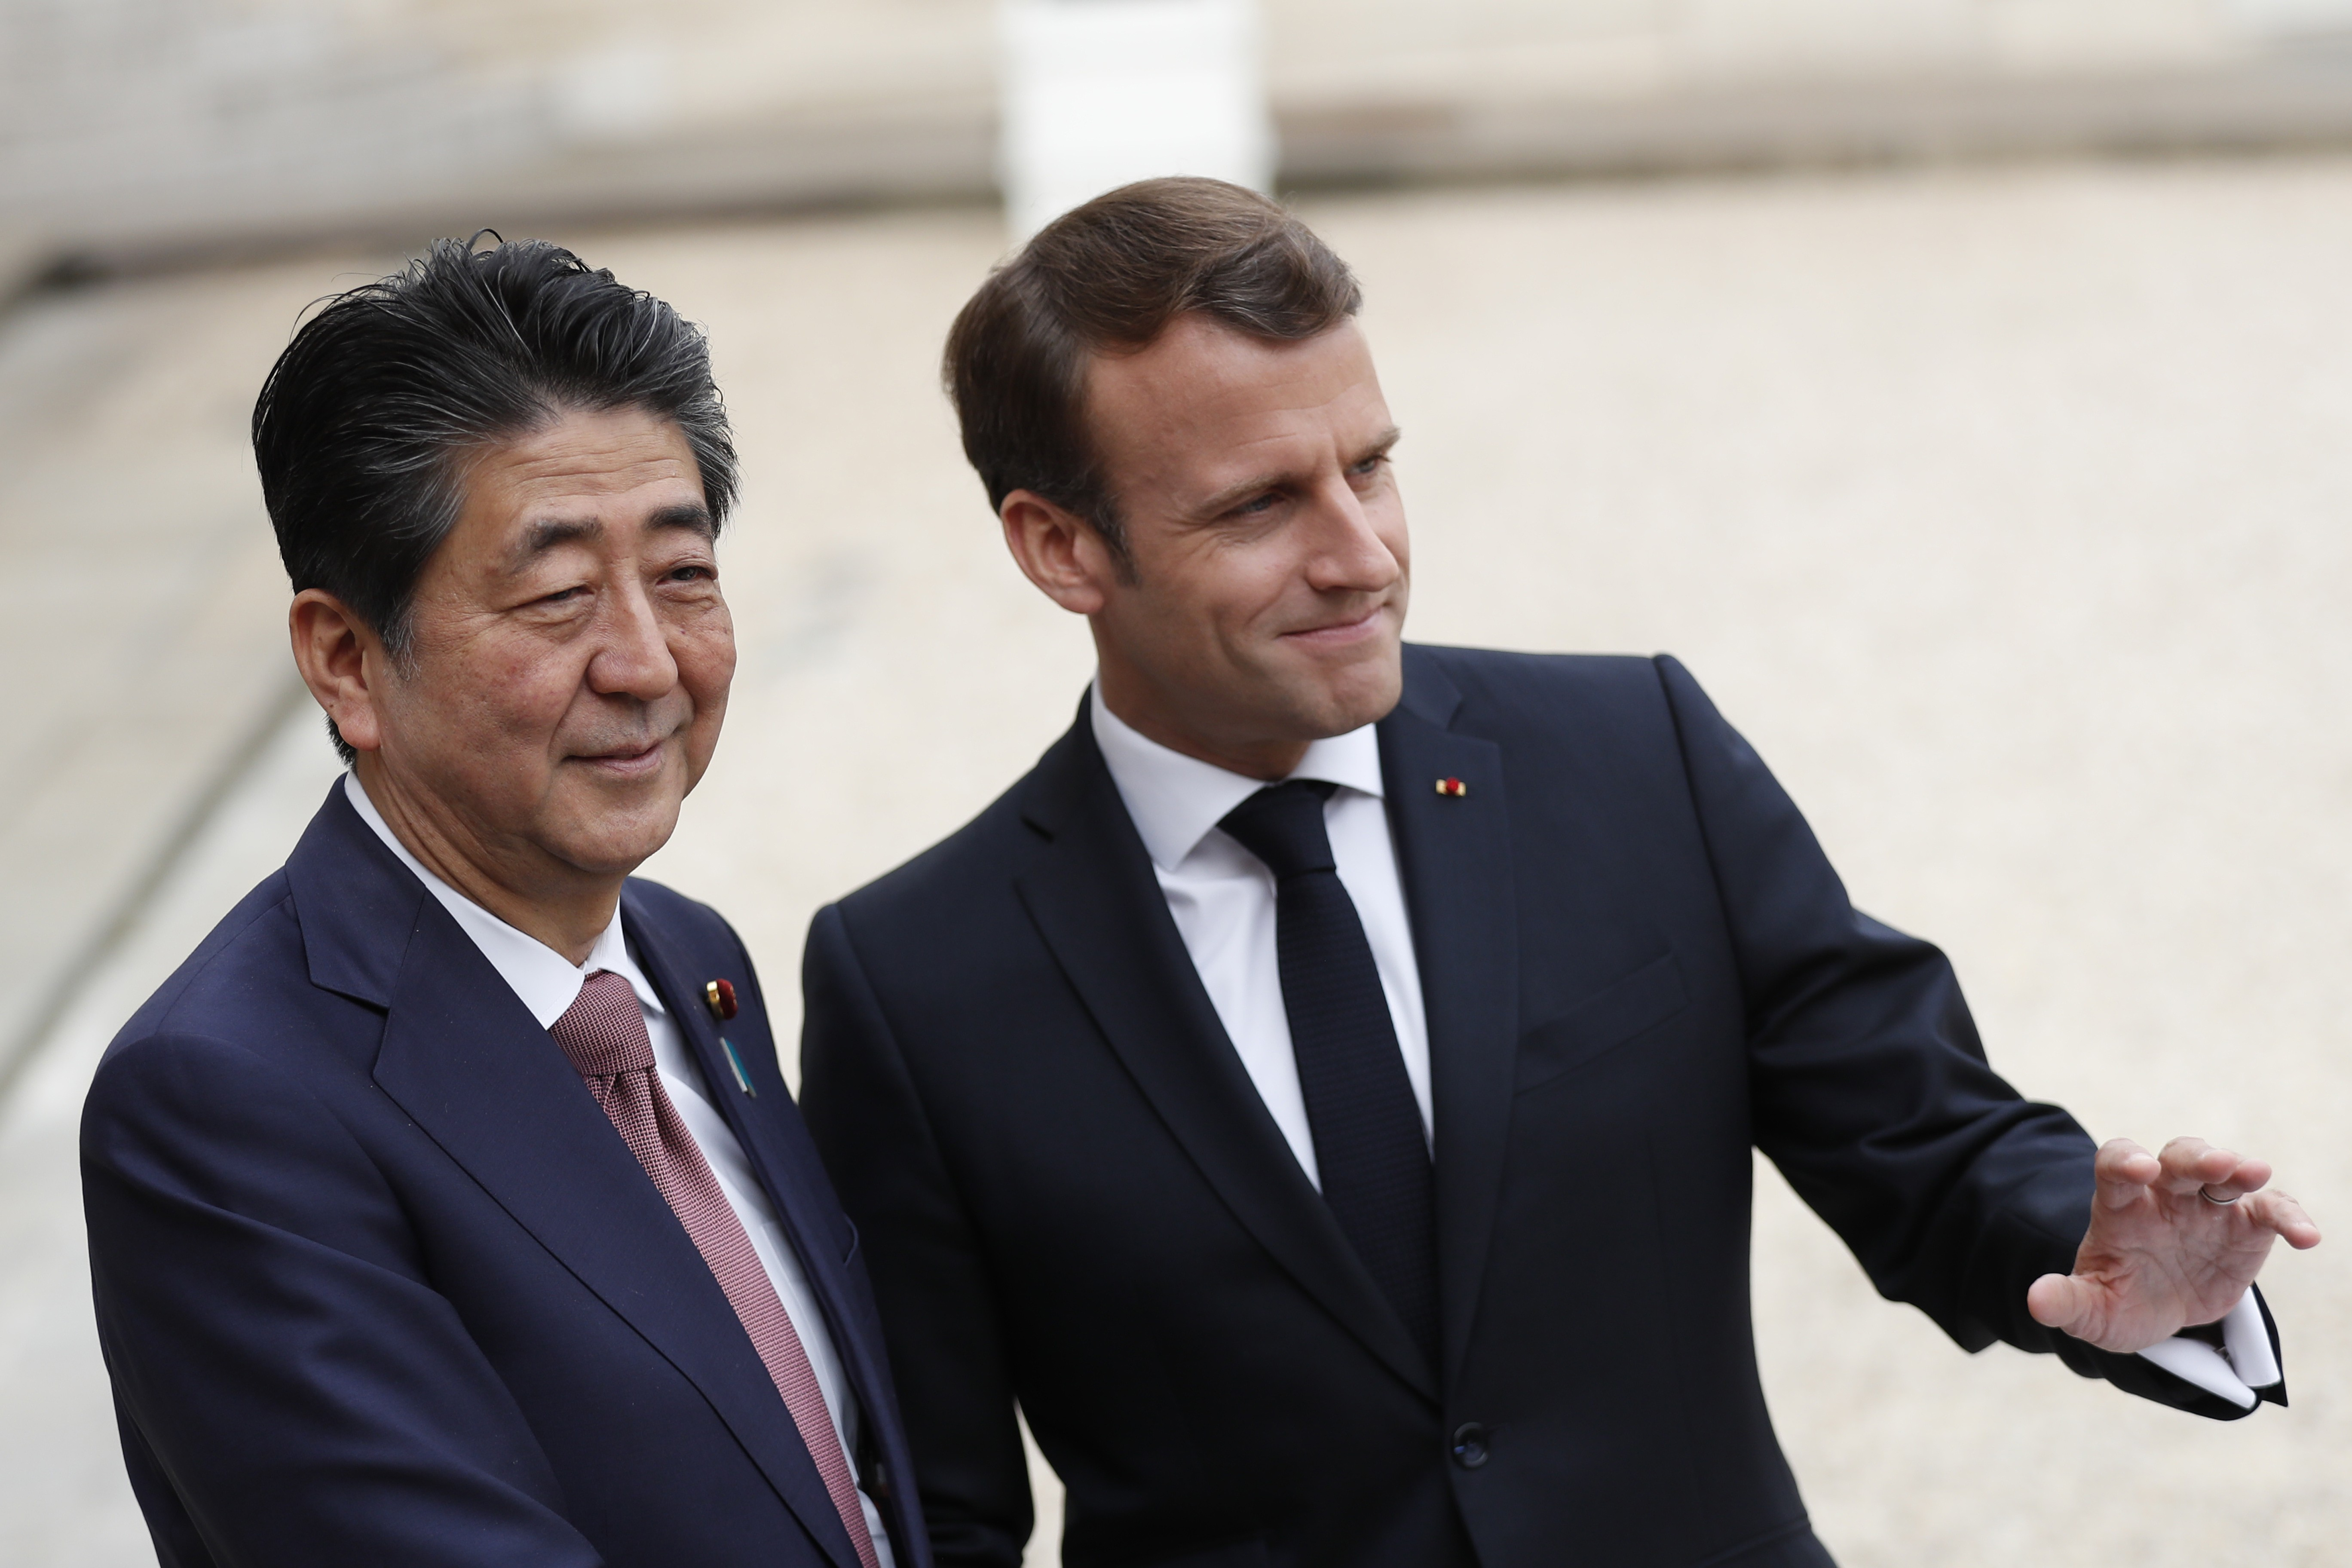 Macron e Abe reafirmam compromisso com aliança Renault-Nissan